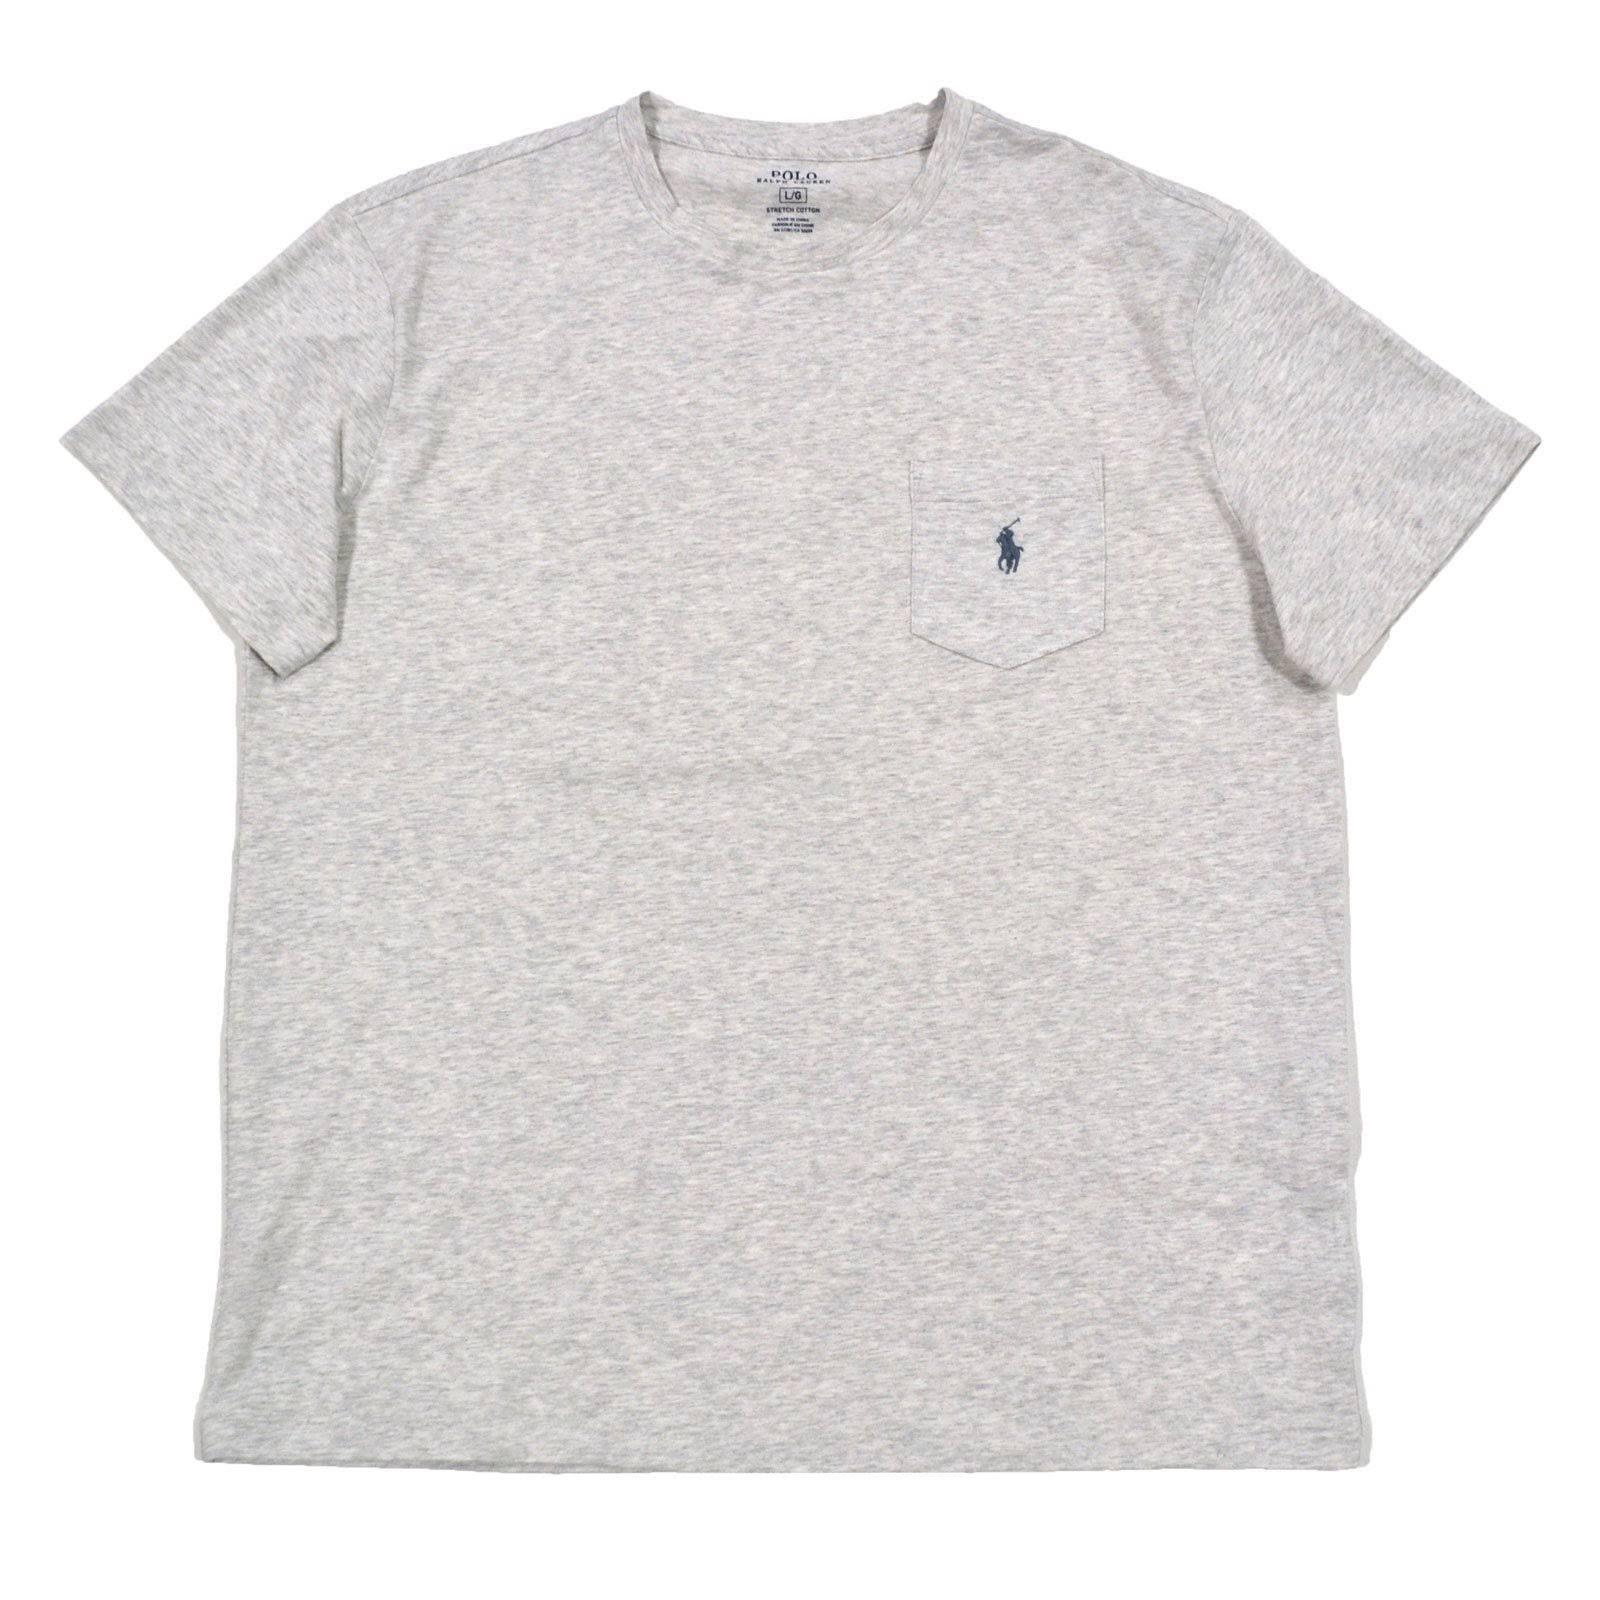 Polo De Algodón Lauren Bolsillo Camiseta Para Regular Elástico Ralph Hombre rqvWBtr